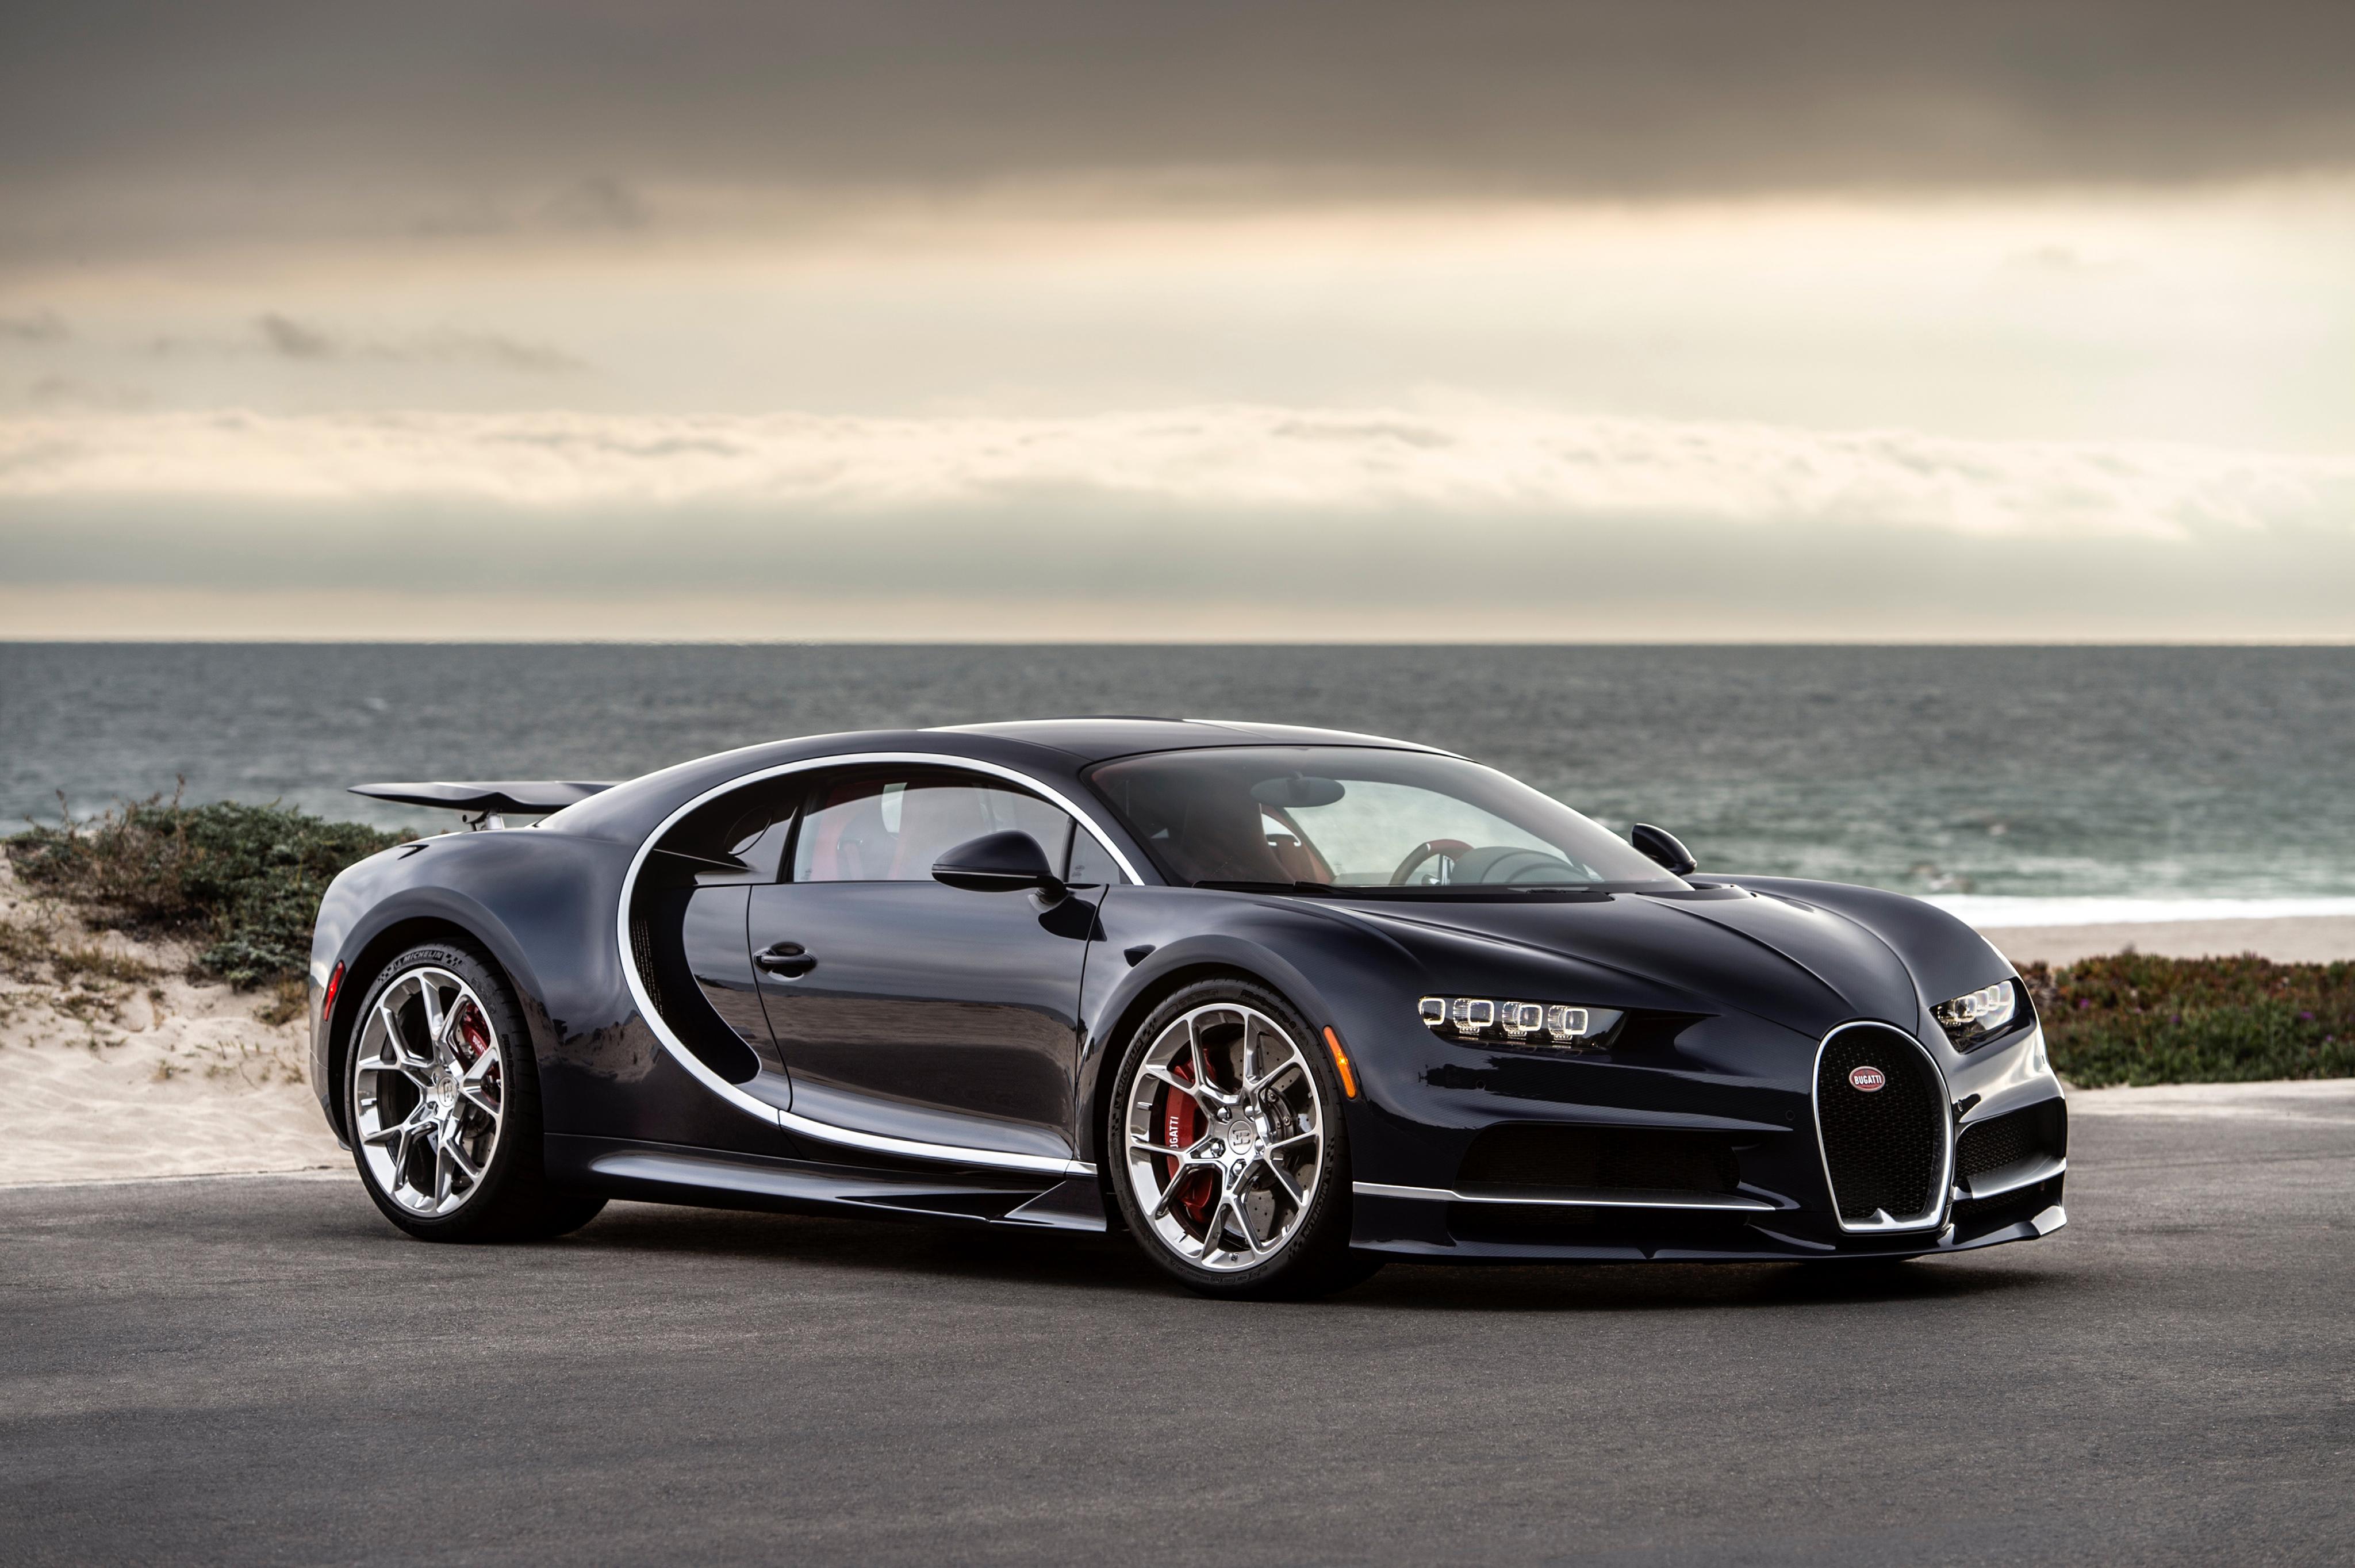 Bugatti chiron обои на рабочий стол 6